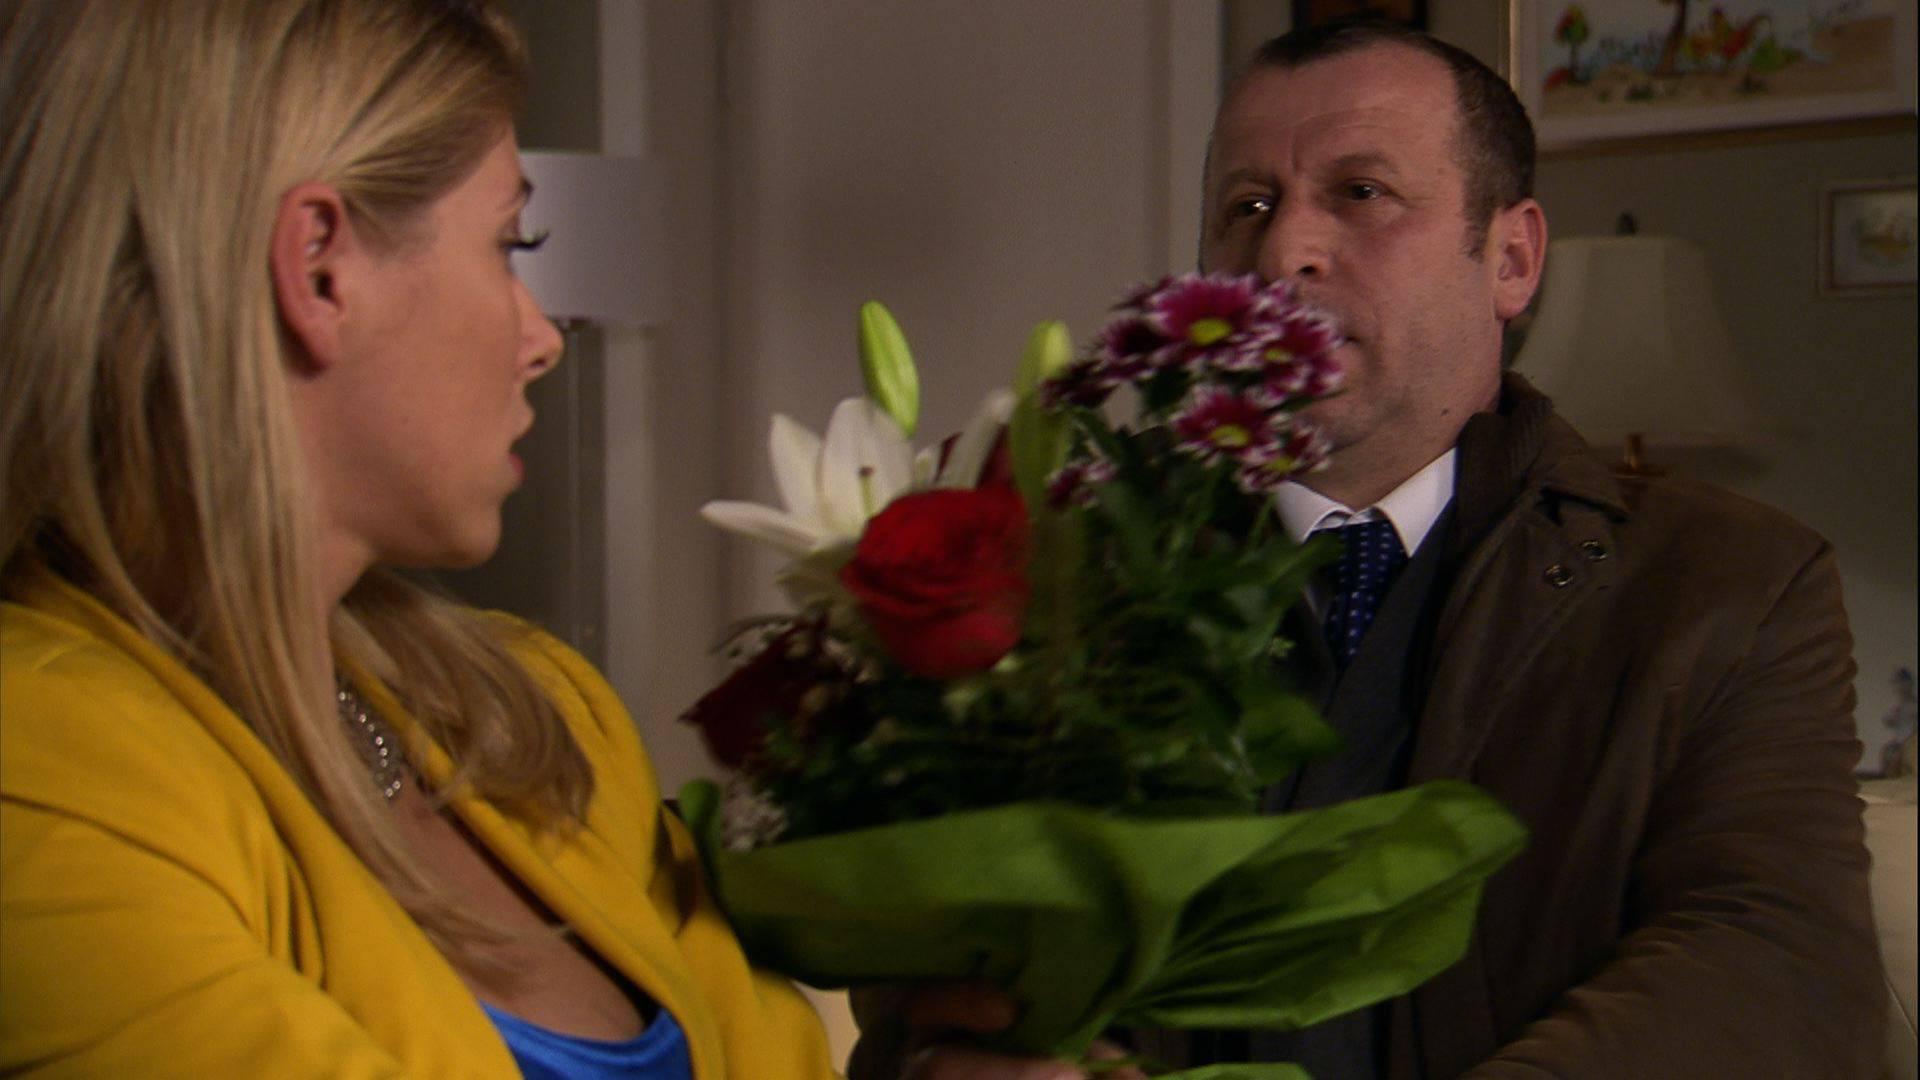 Sveto naposljetku zaprosi Barbaru, na što ona pristaje